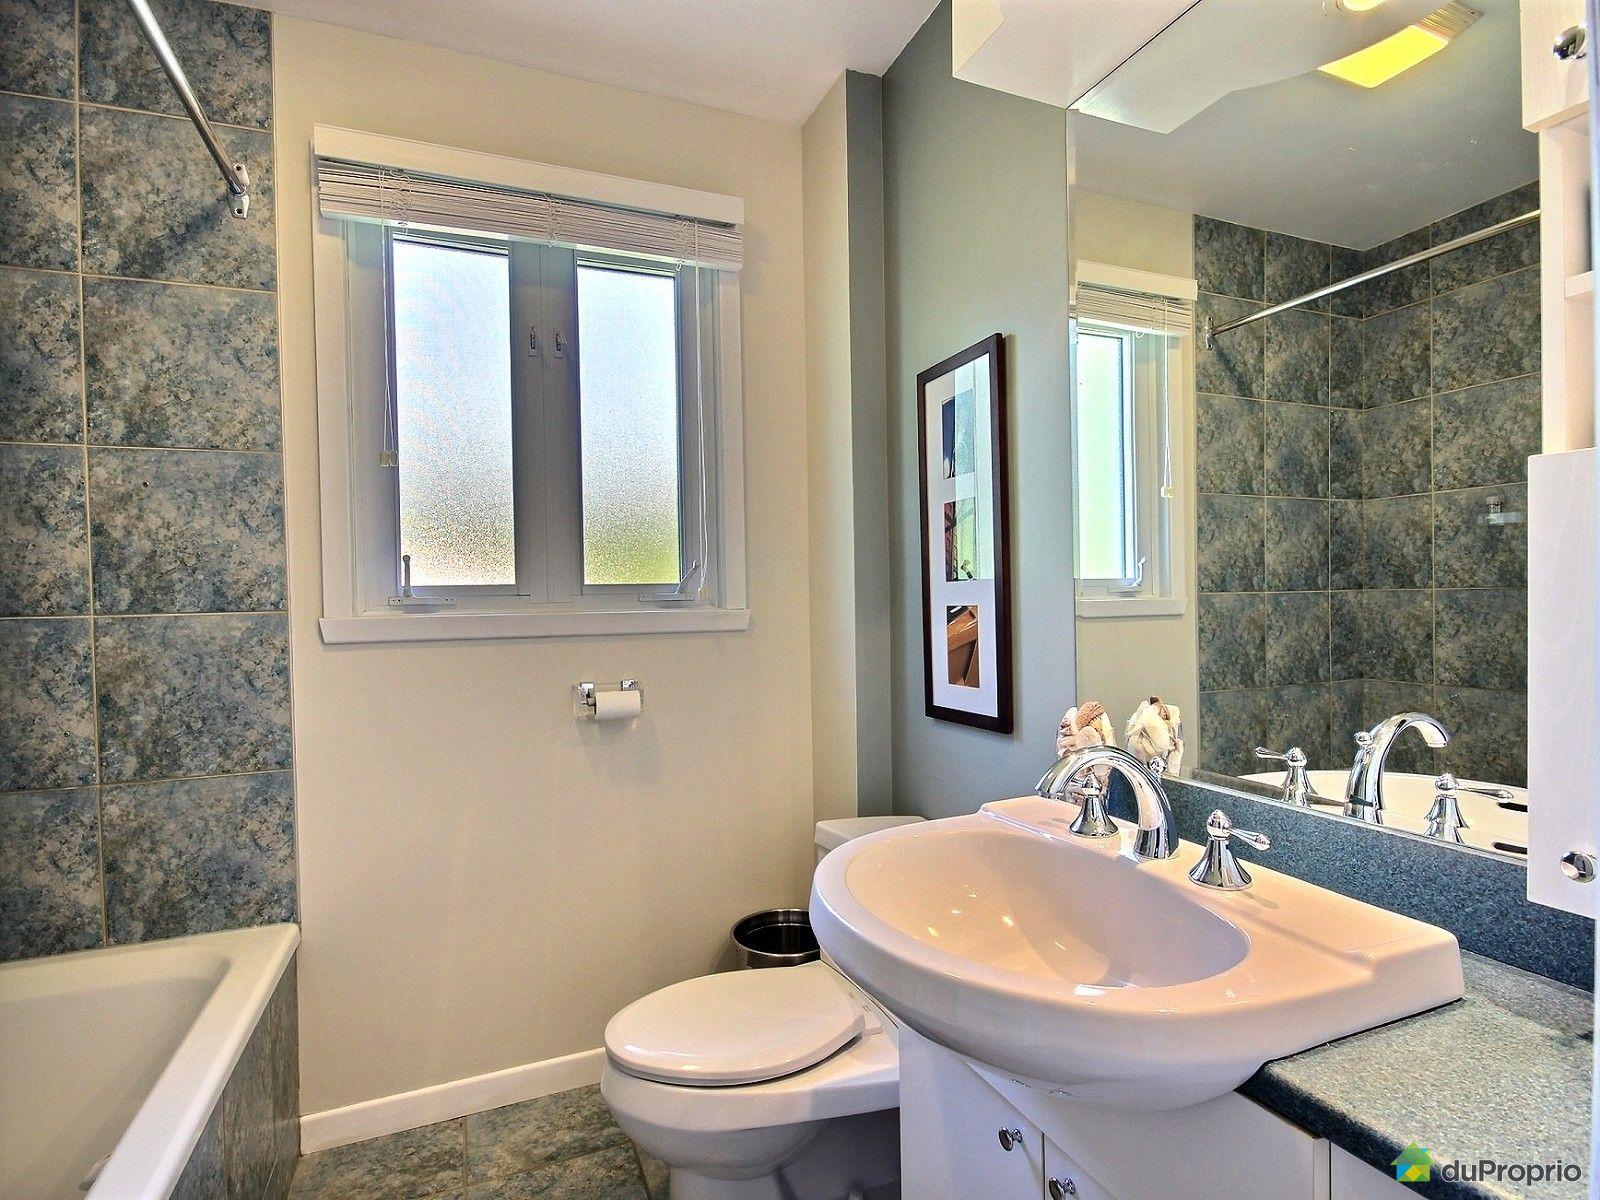 Maison californienne id es de design maison et id es de meubles - Humidite salle de bain solution ...